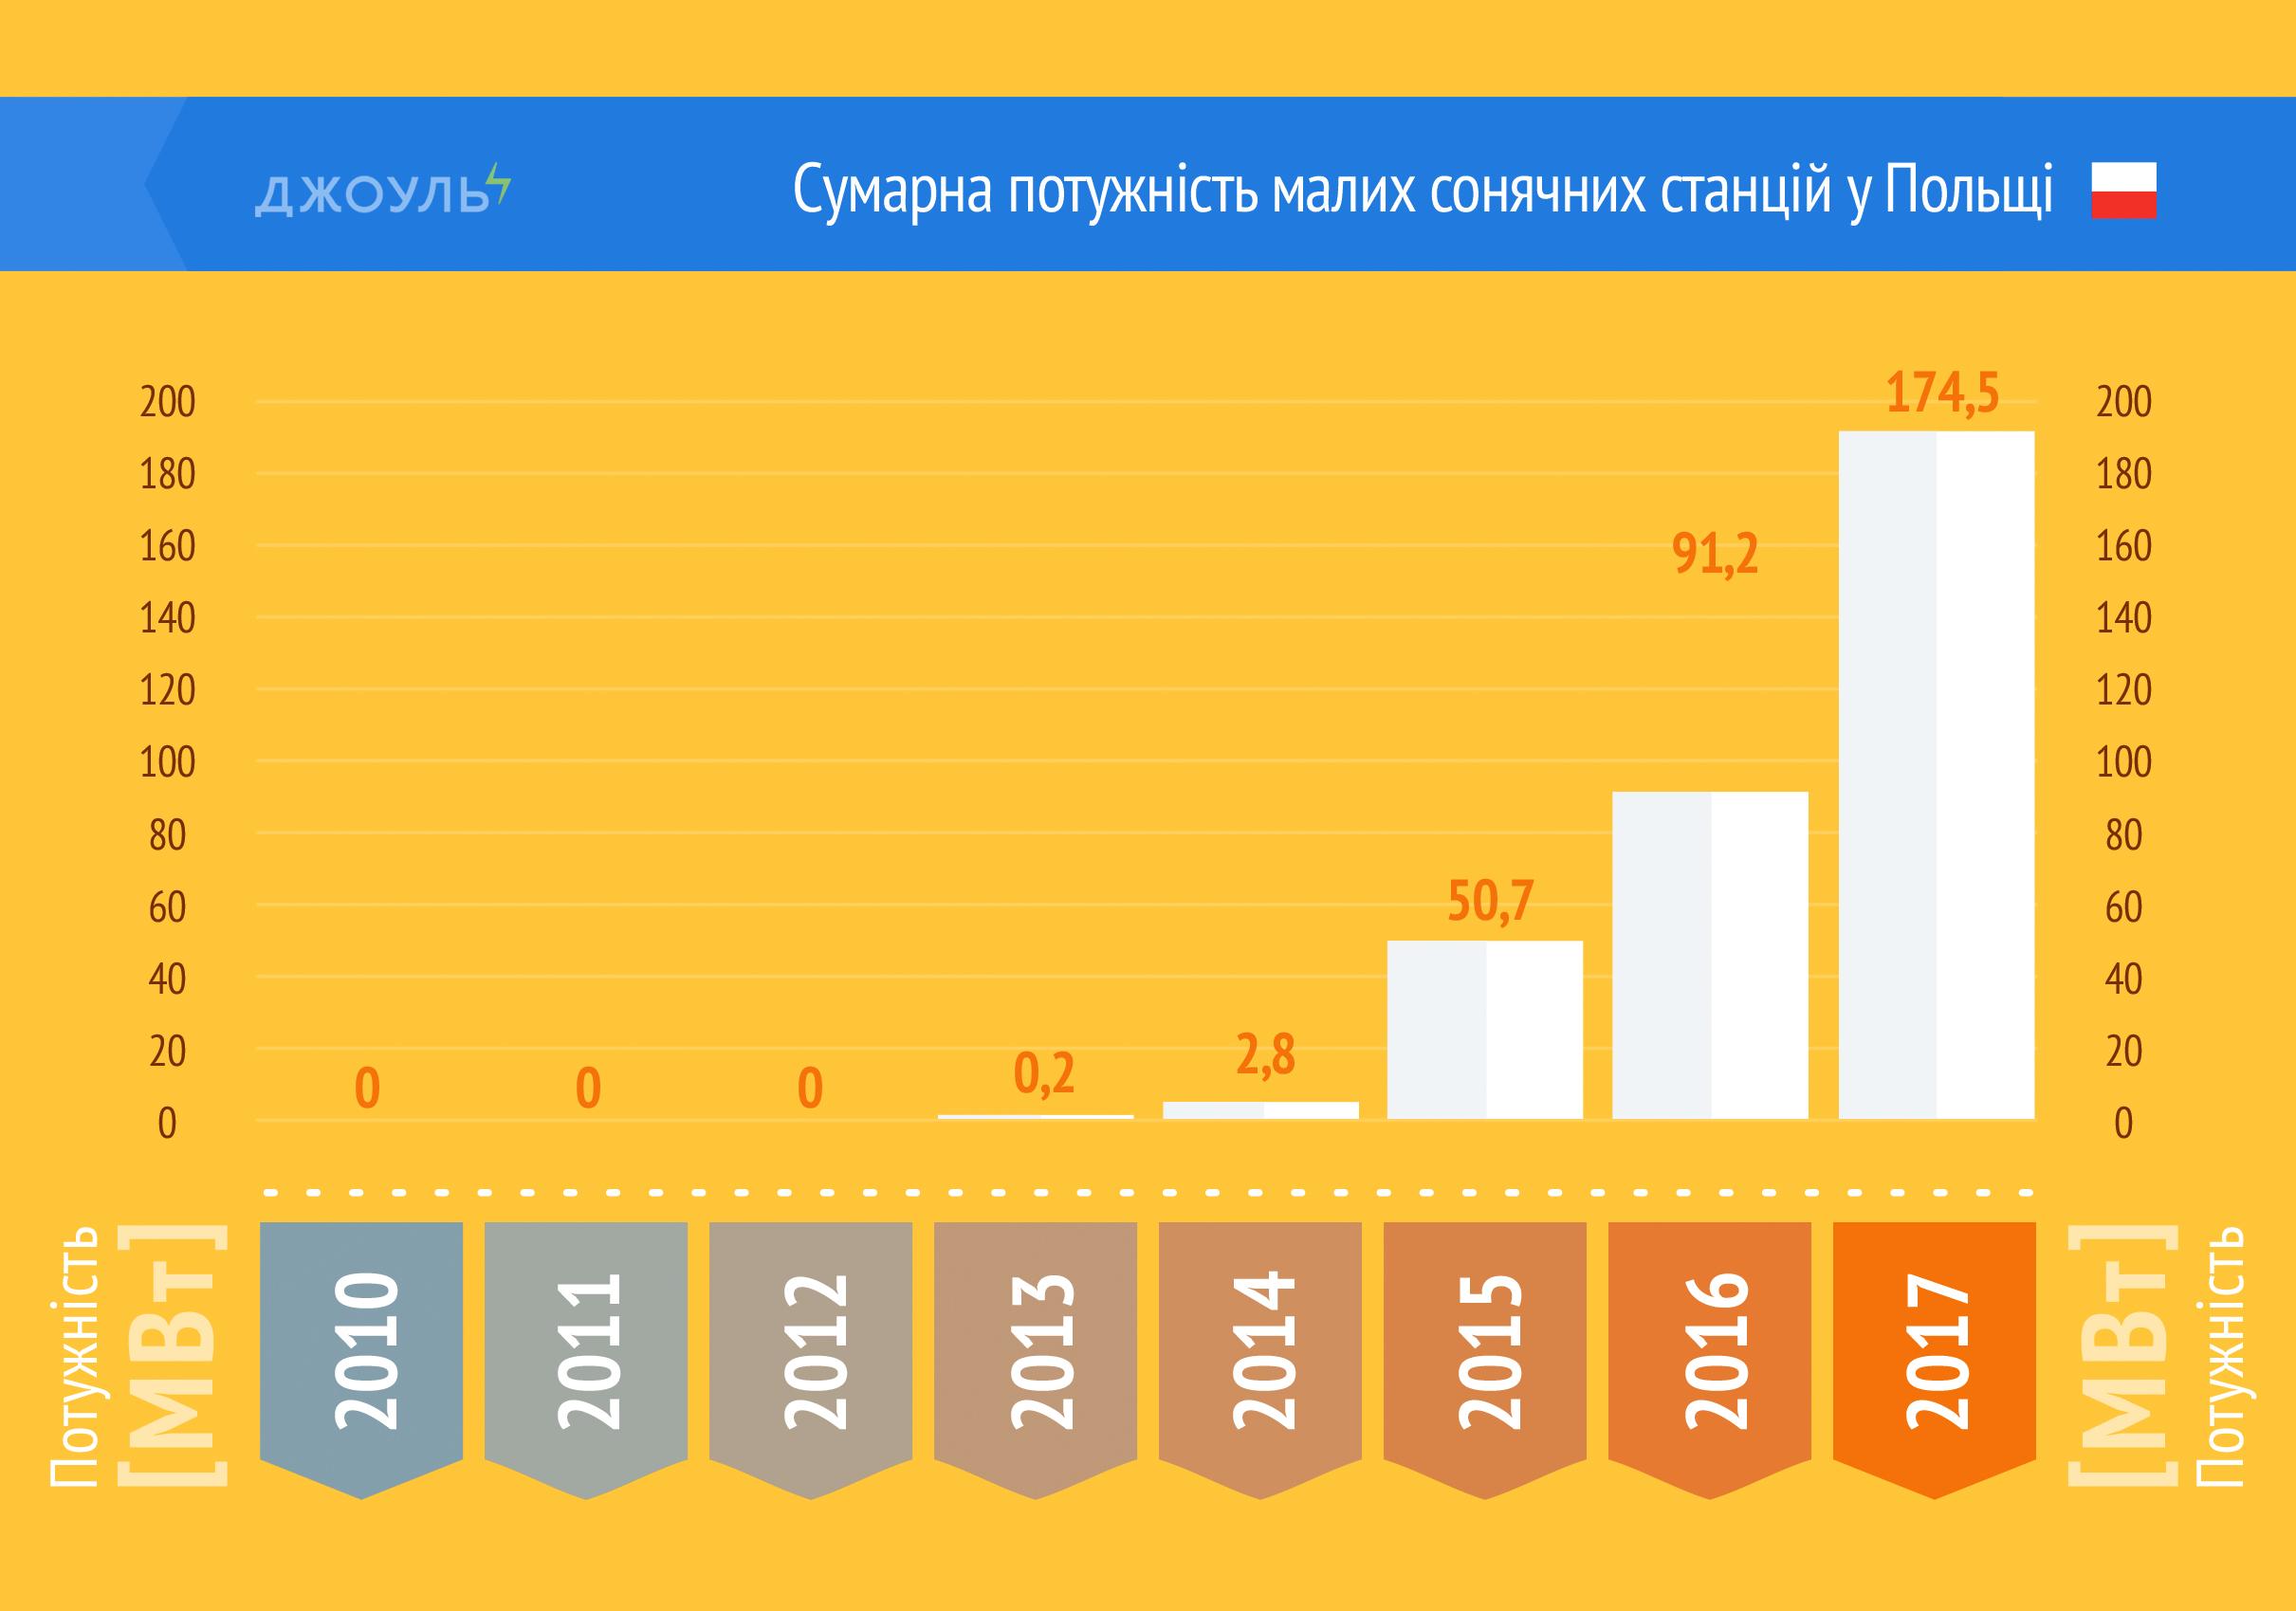 Сумарна потужність малих сонячних станцій у Польщі